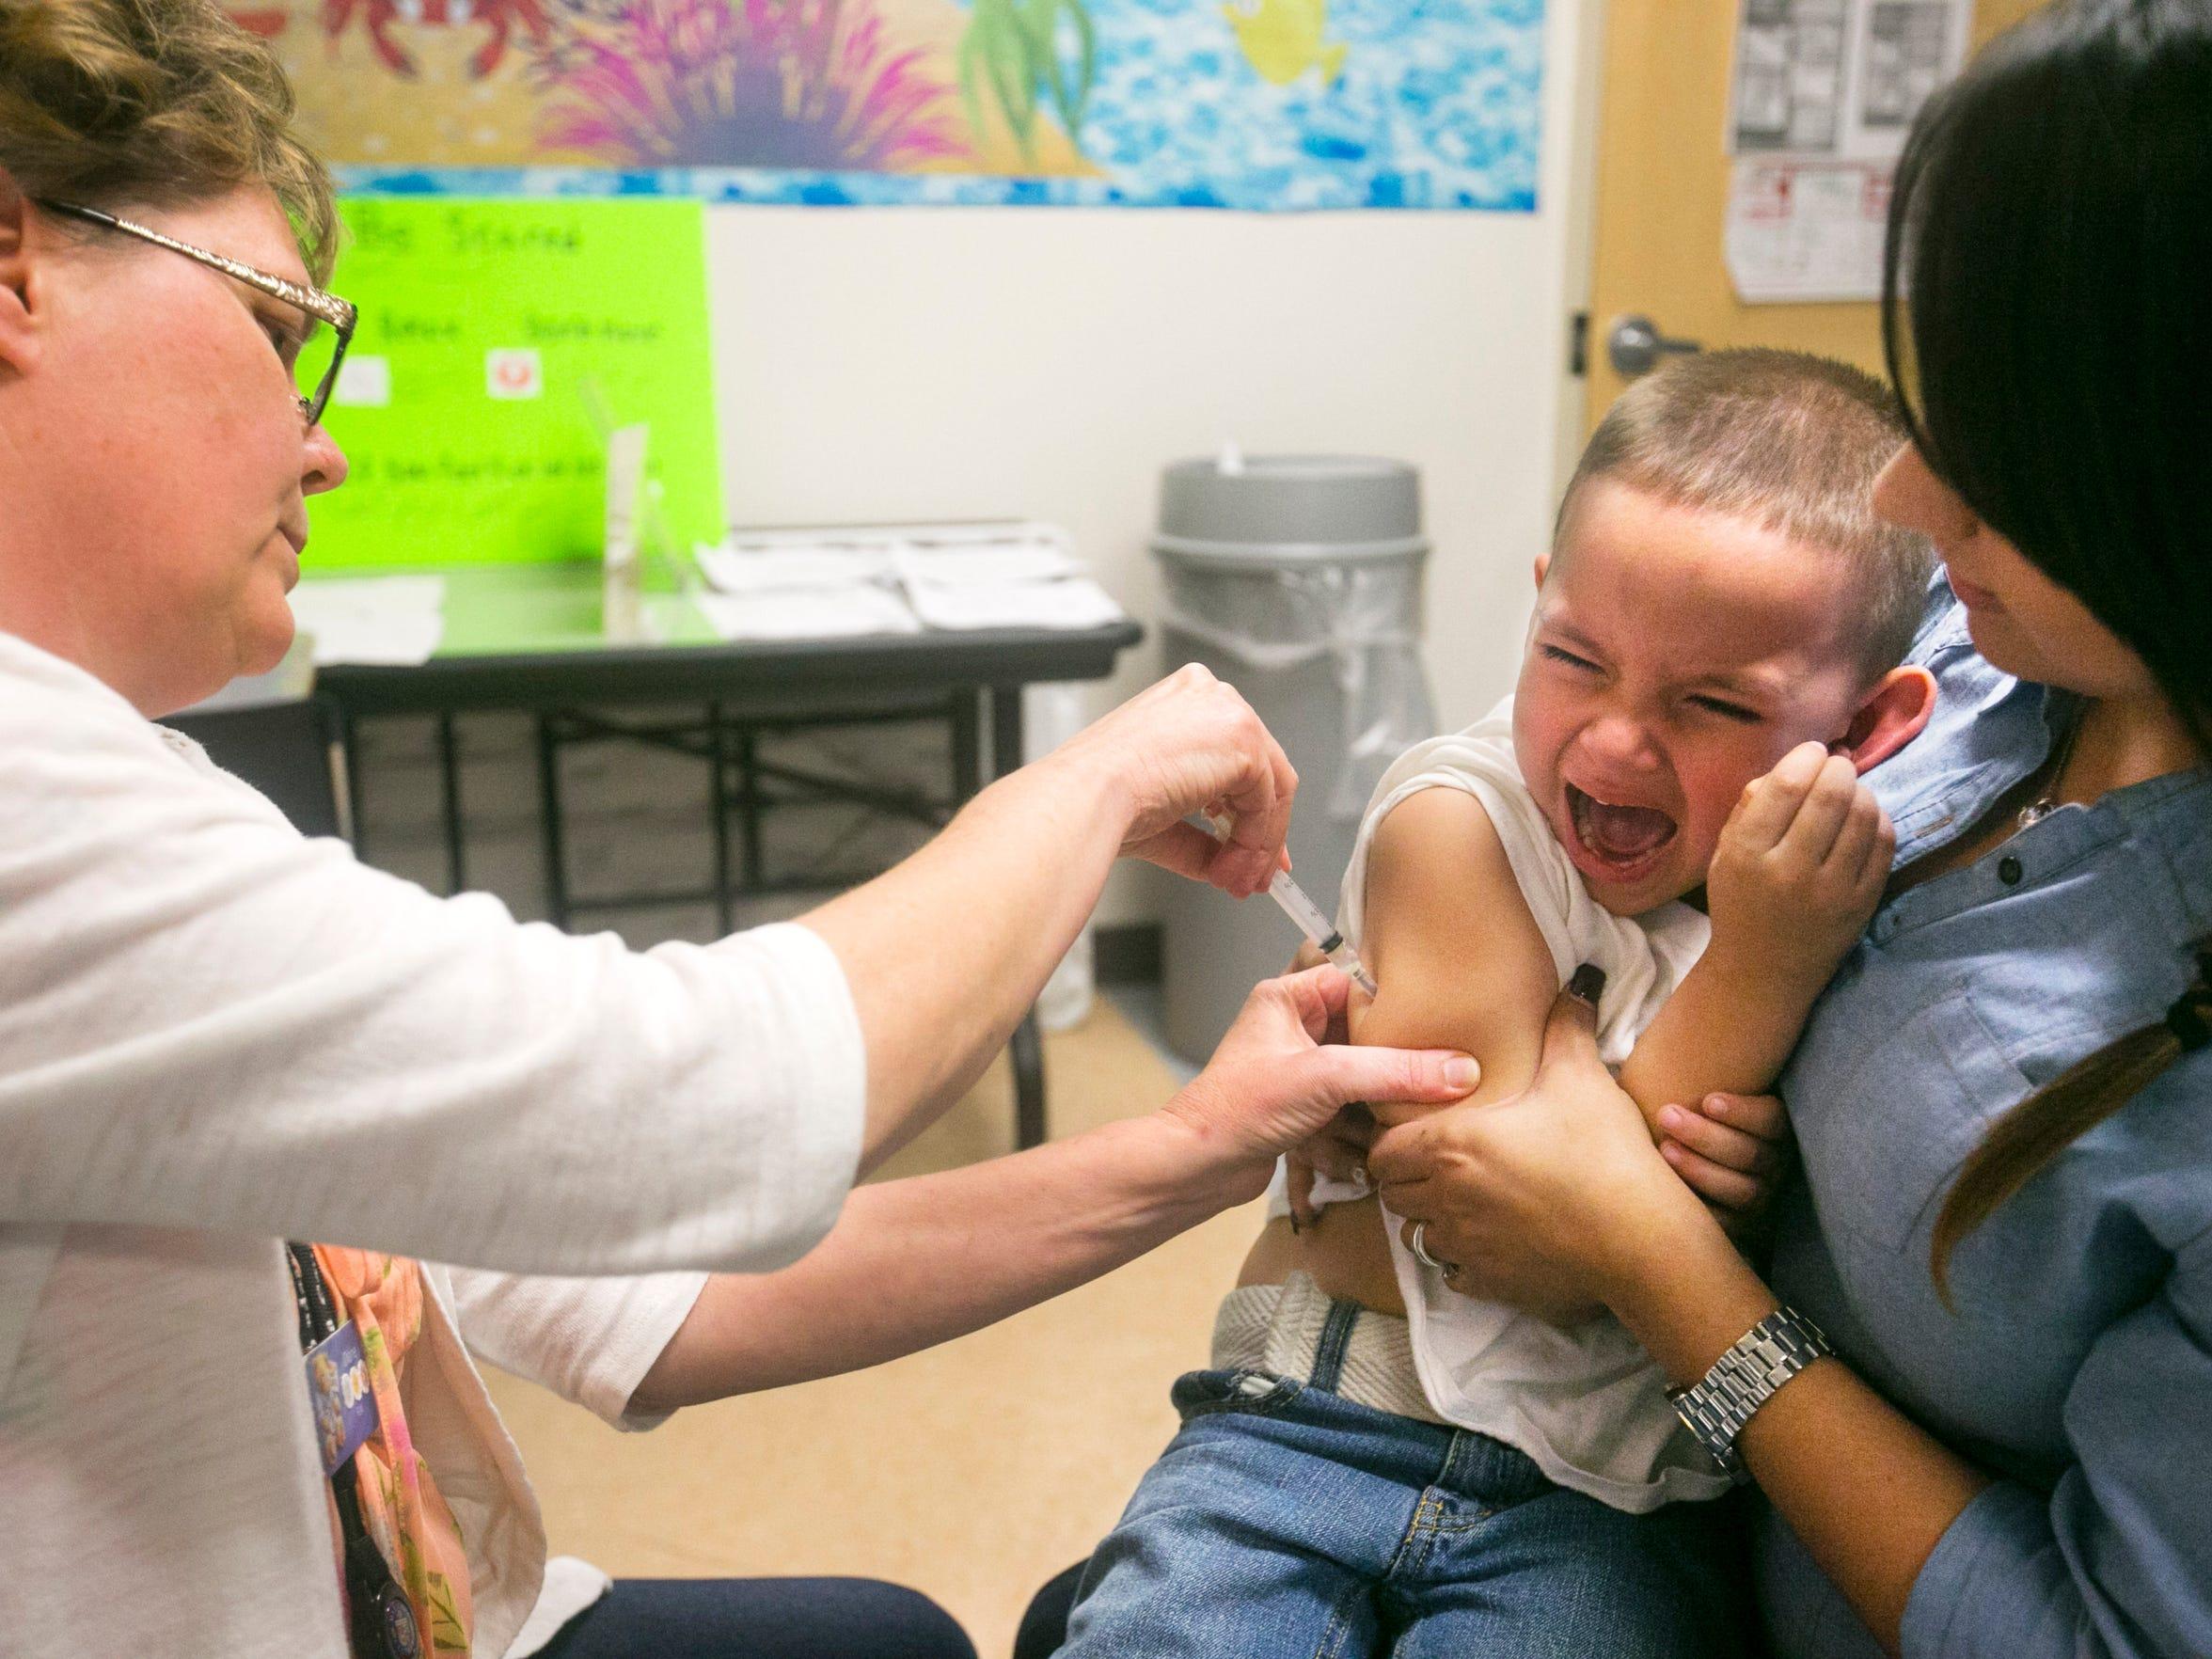 Maricopa County Public Health immunization nurse Diane